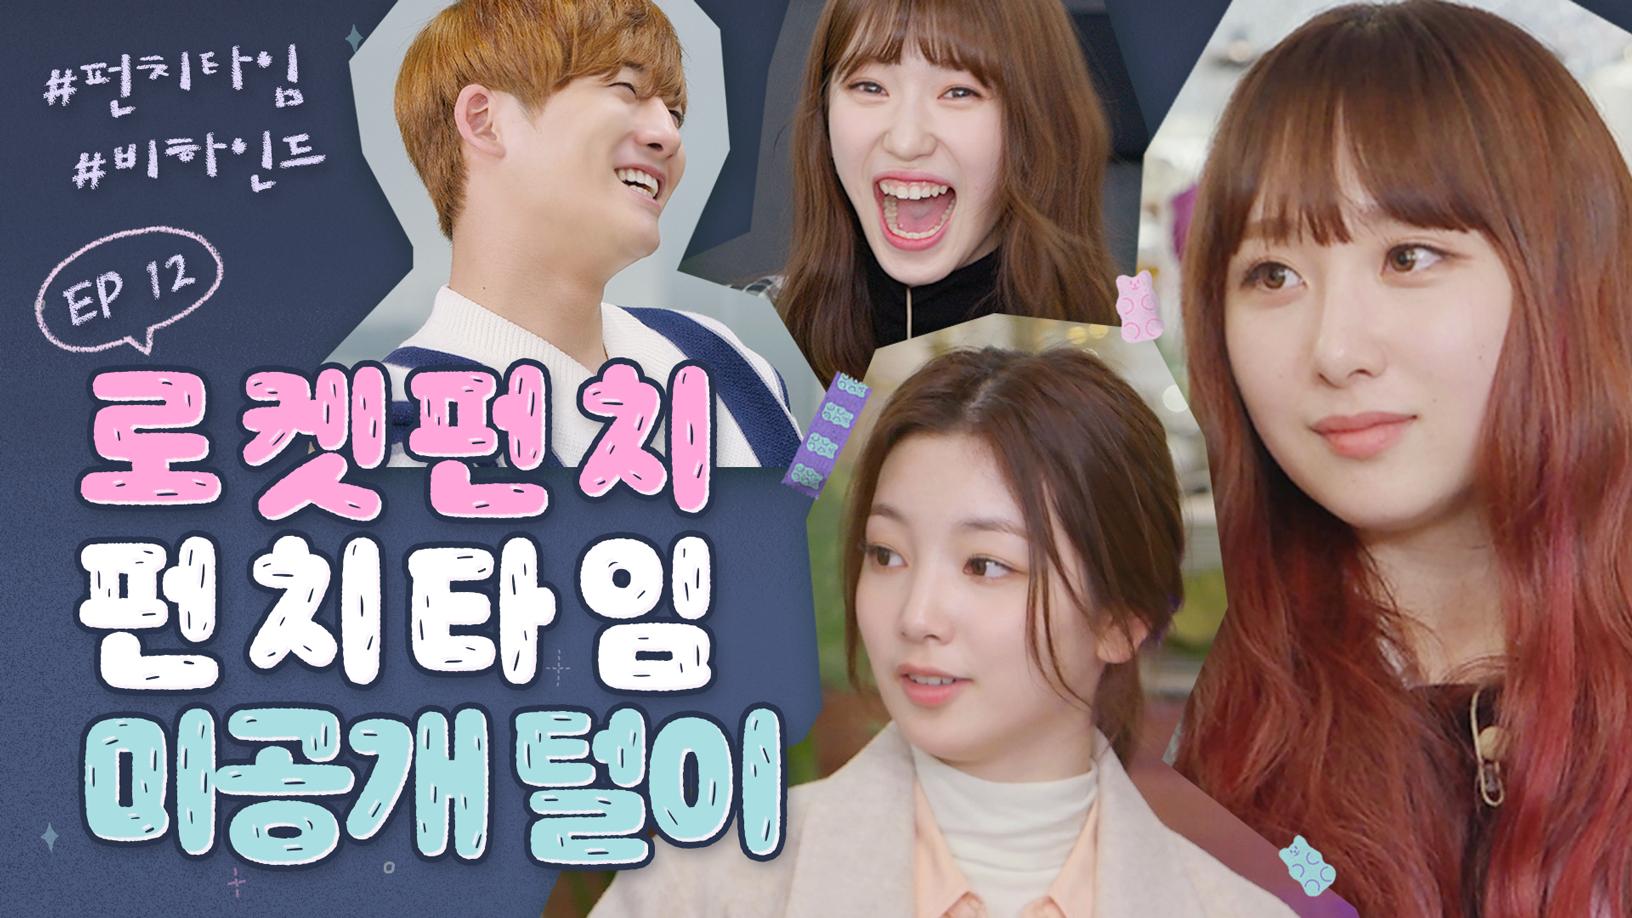 펀치타임 시즌2 비하인드 공개! #아이돌 #로켓펀치 #리얼리티 [펀치타임 2] EP12